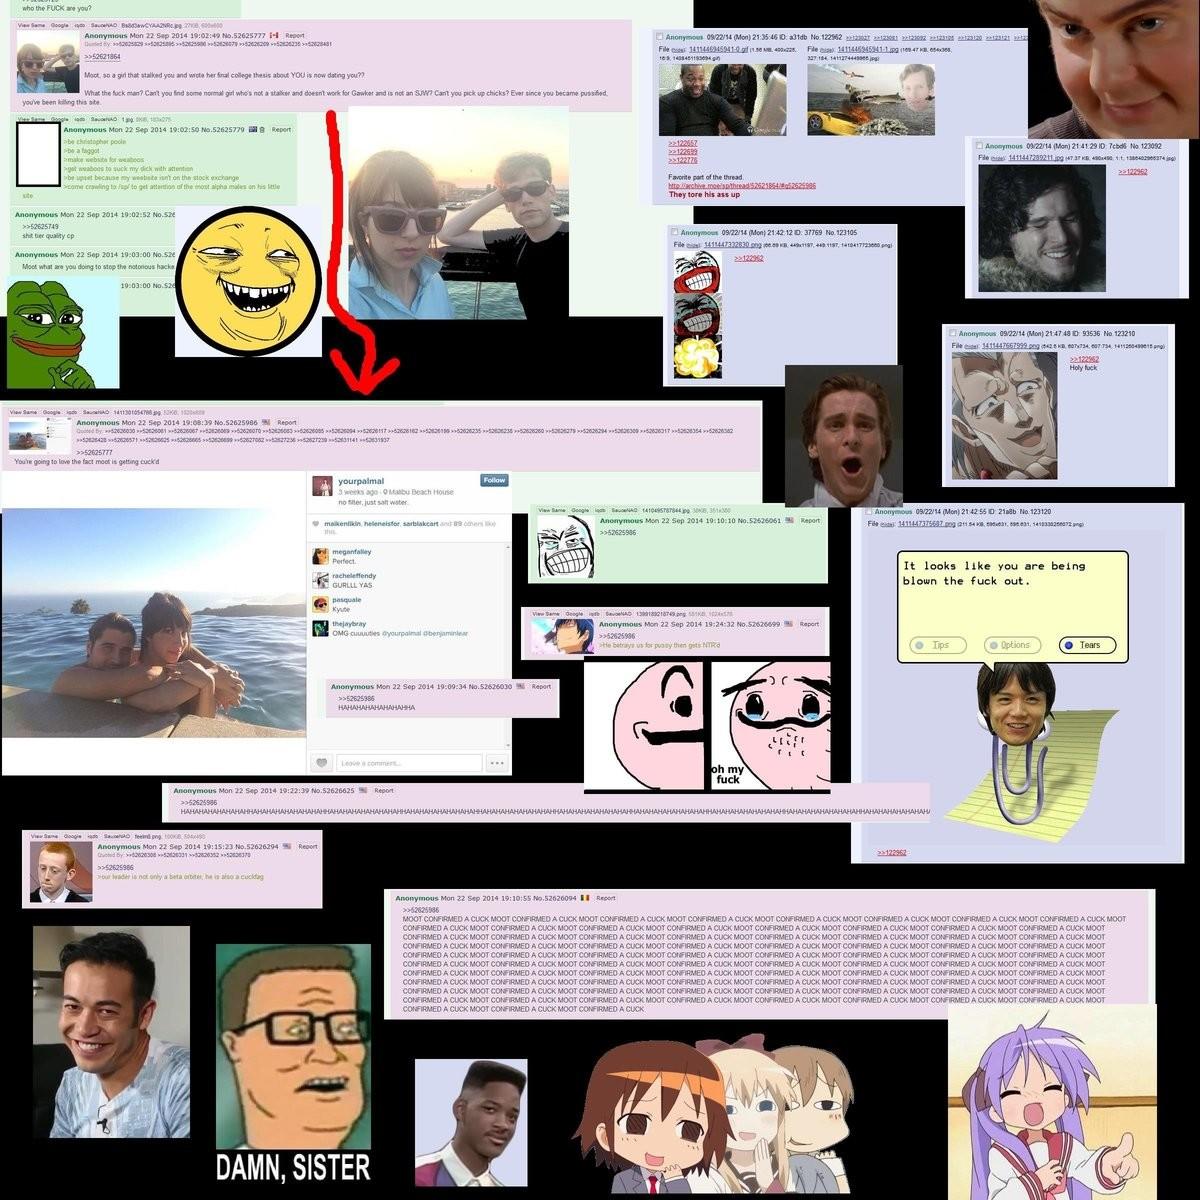 Do any of you honestly still go to chan?. pastebin.com/CJPHJSmC www(dot)anonymous-japan(dot)org/fake2ch.. I do Do any of you honestly still go to chan? pastebin com/CJPHJSmC www(dot)anonymous-japan(dot)org/fake2ch I do